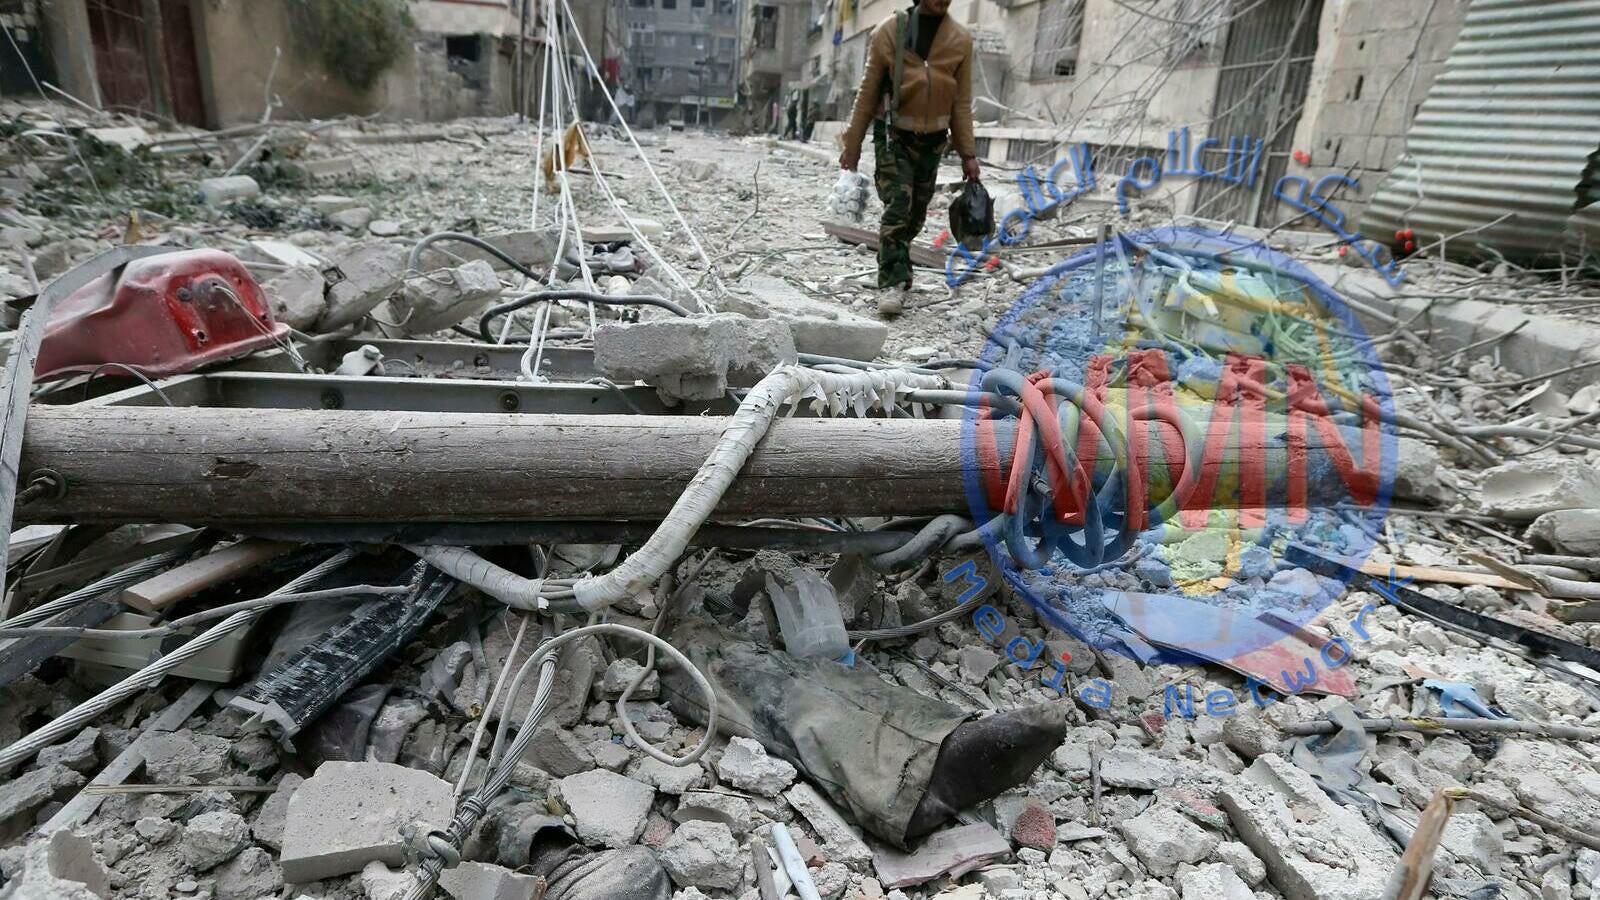 قتلى مدنيون بتصعيد النظام قصفه لأرياف إدلب وحماة وحلب